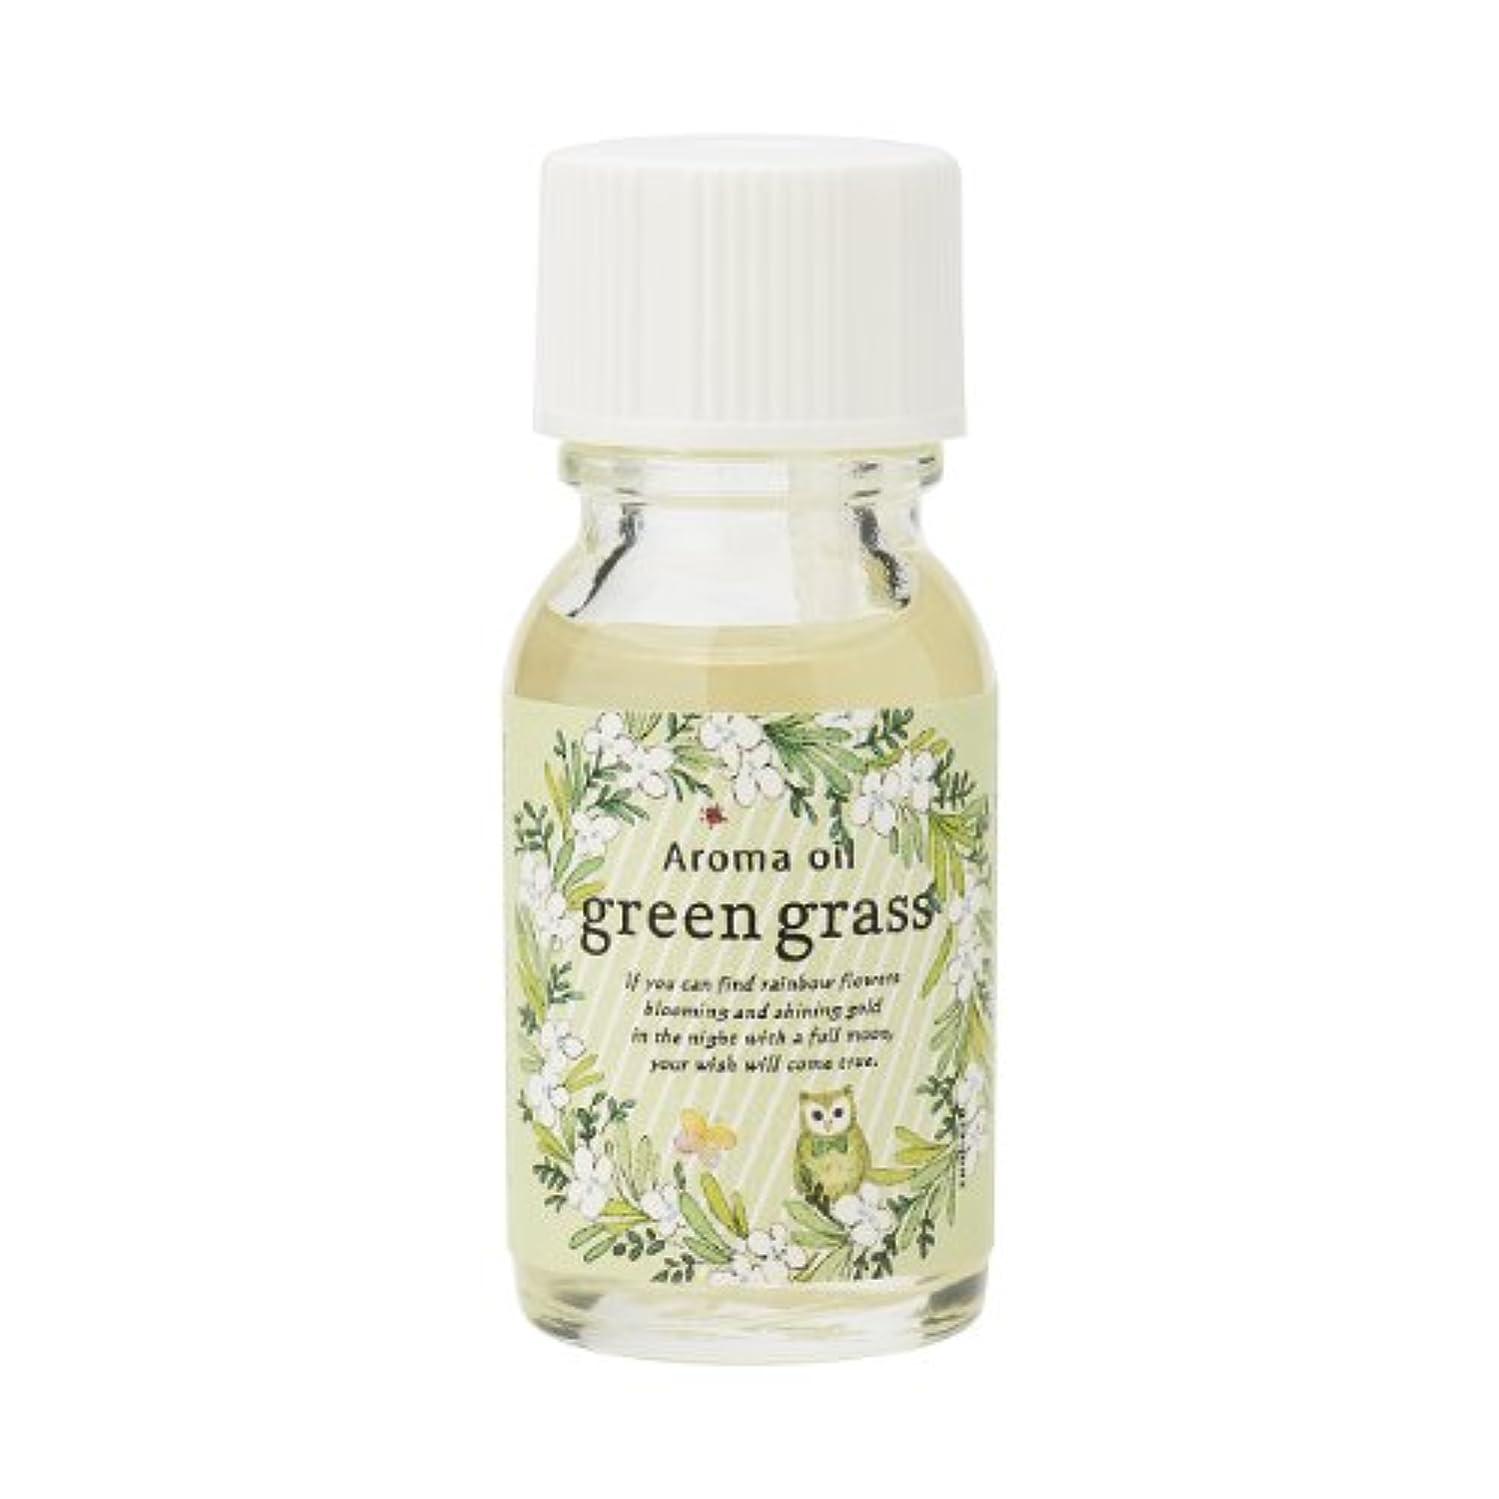 ストレスの多いホース出費サンハーブ アロマオイル グリーングラス 13ml(爽やかでちょっと大人の香り)